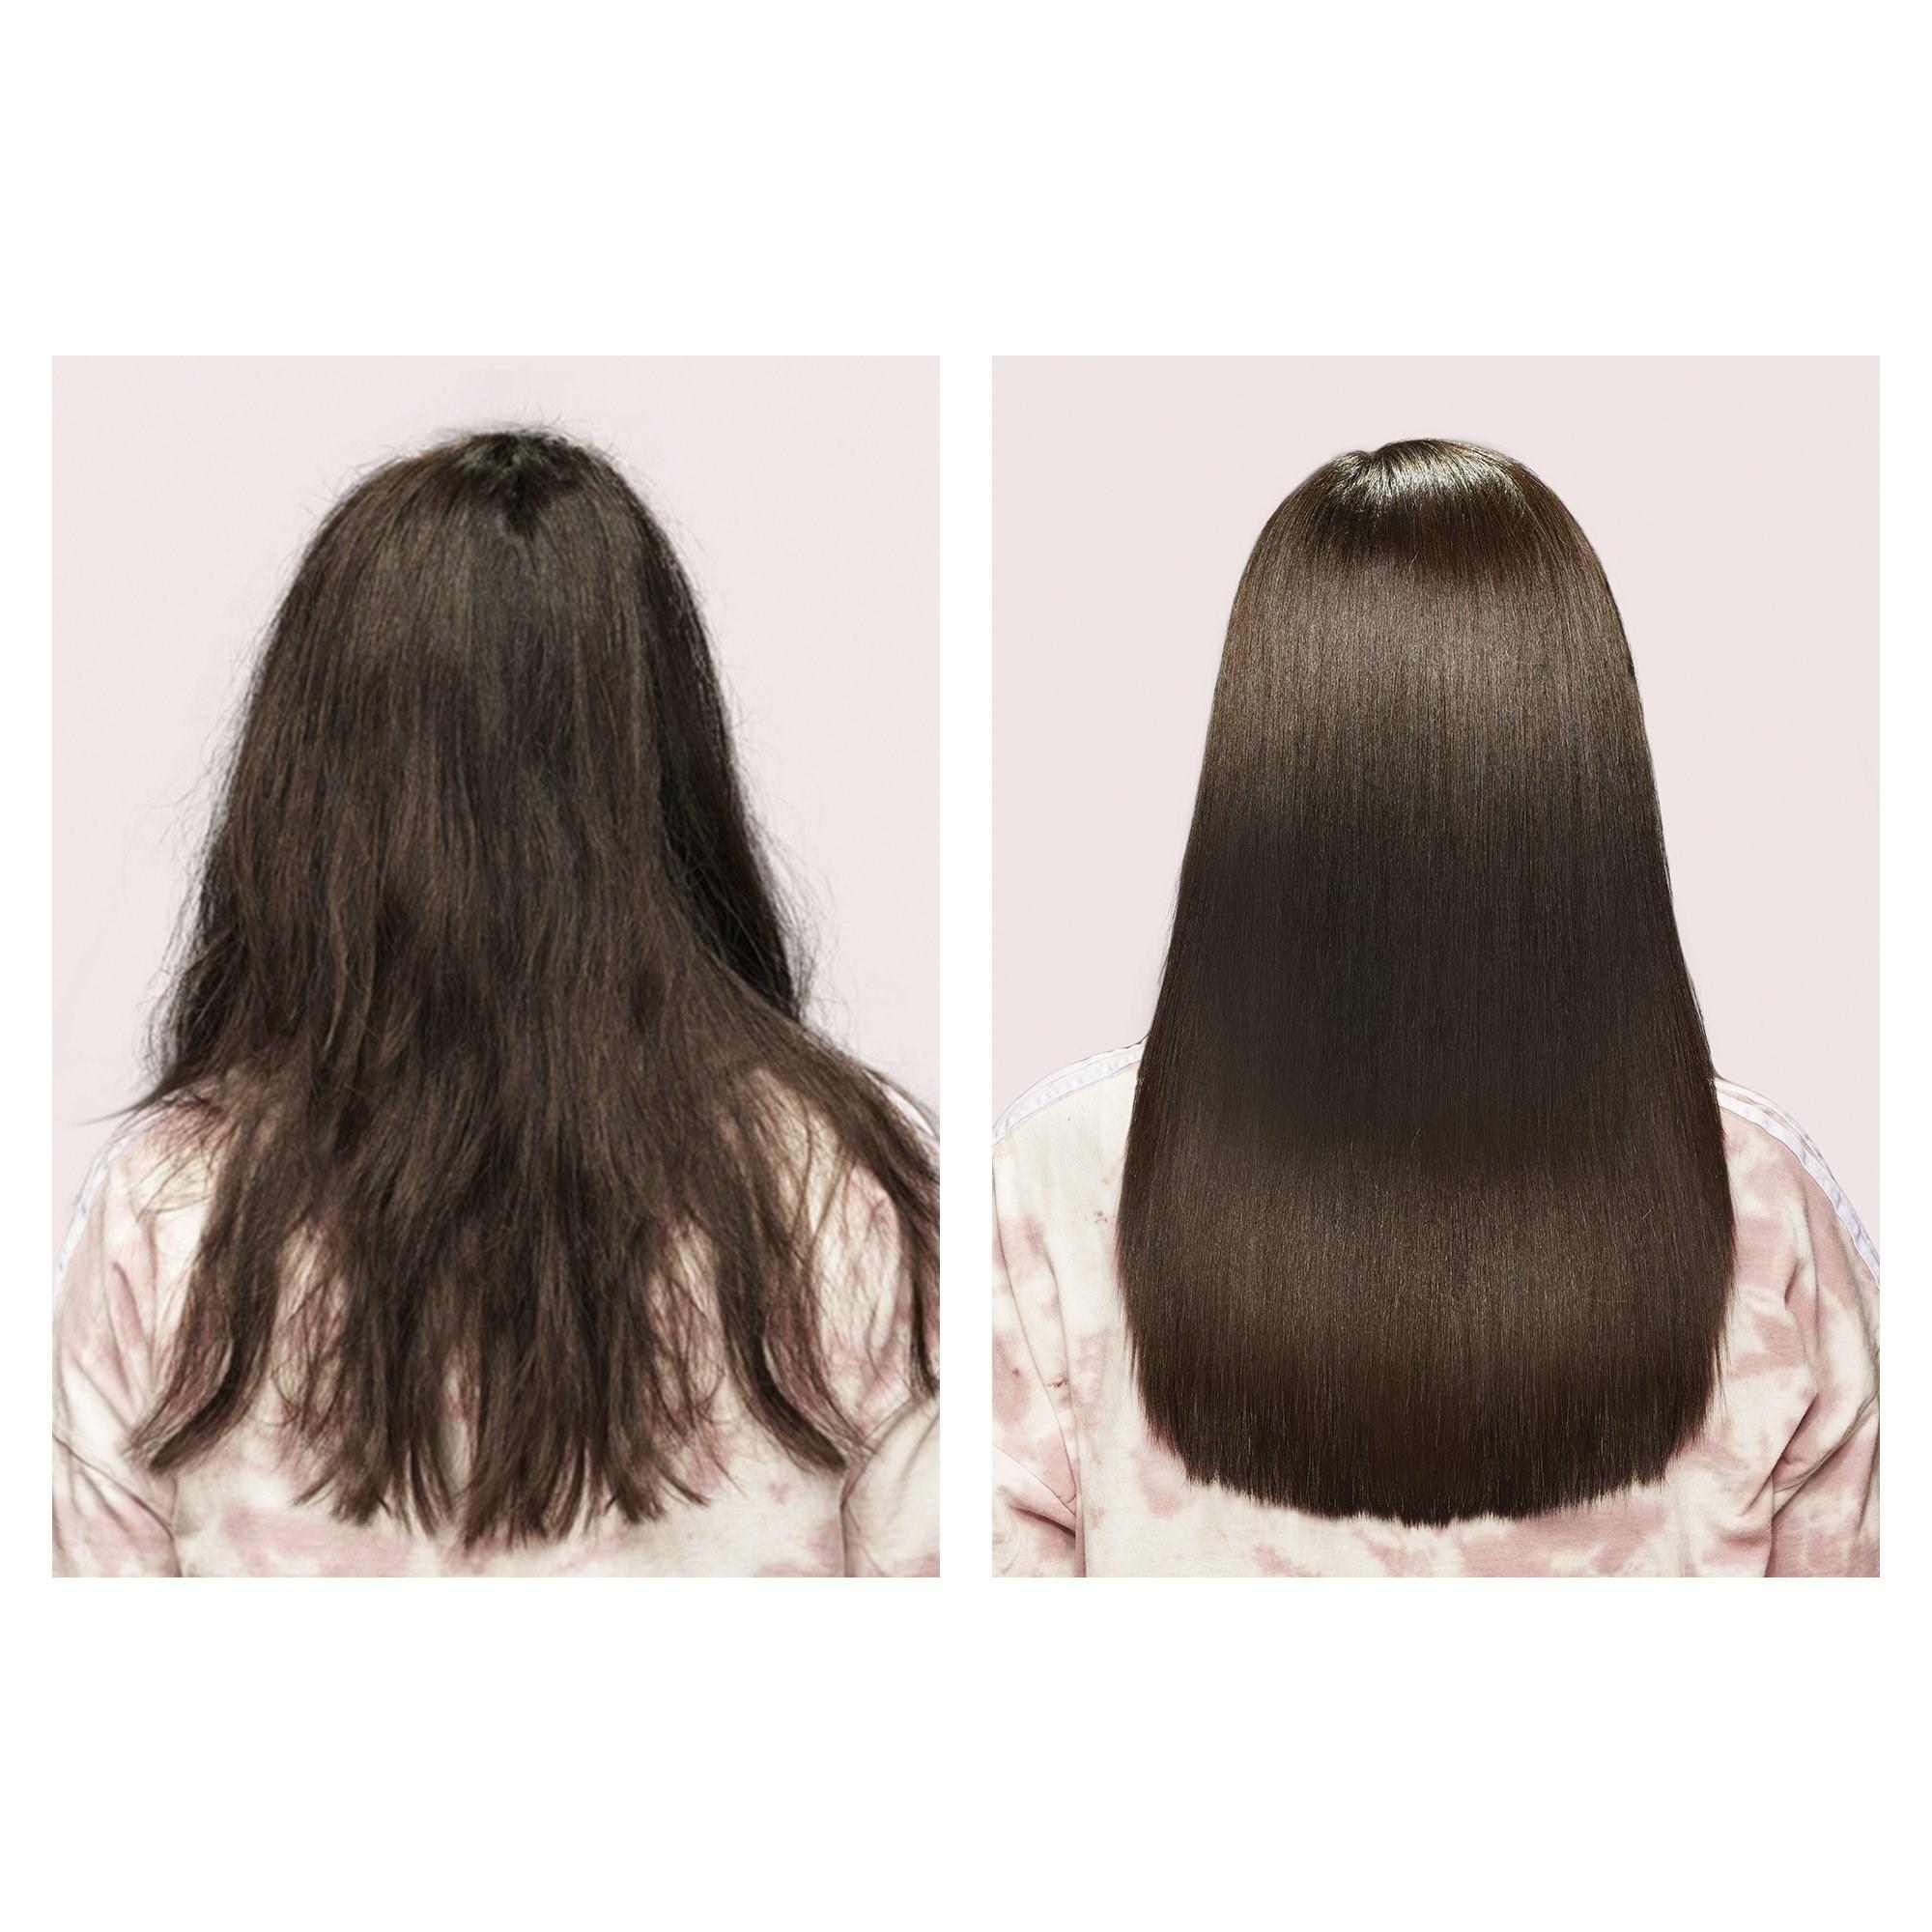 REPAIR YOUR HAIR KIT 4